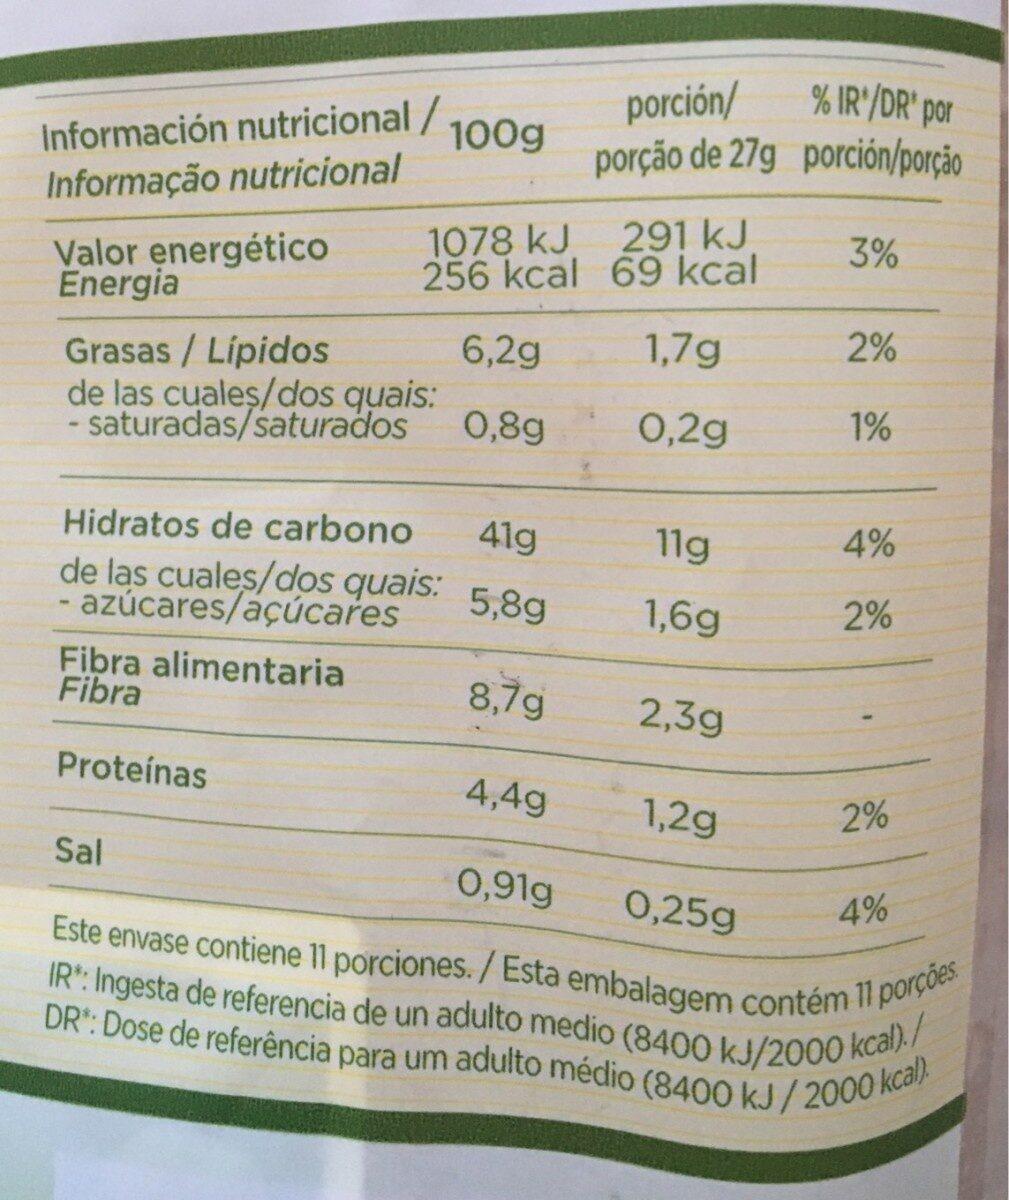 Pan multicereales - Información nutricional